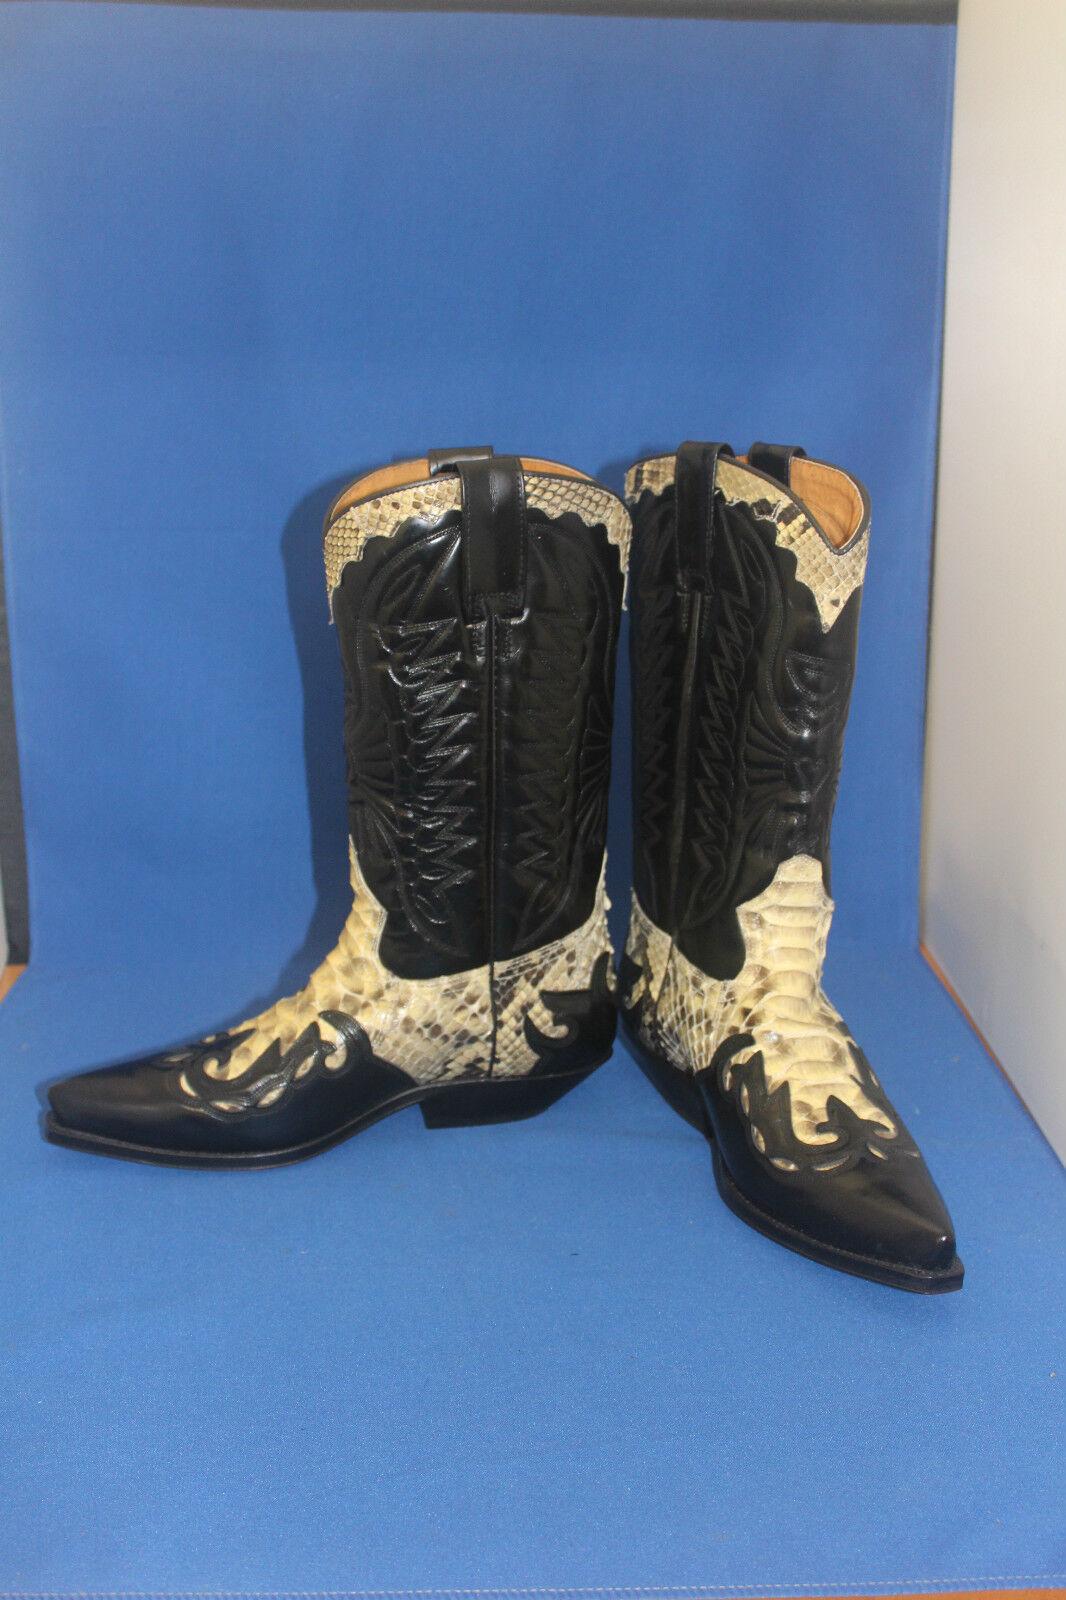 Prime Stiefel   cowboystiefel westernstiefel neu handmade   gr. 41 python WEISS 70debe